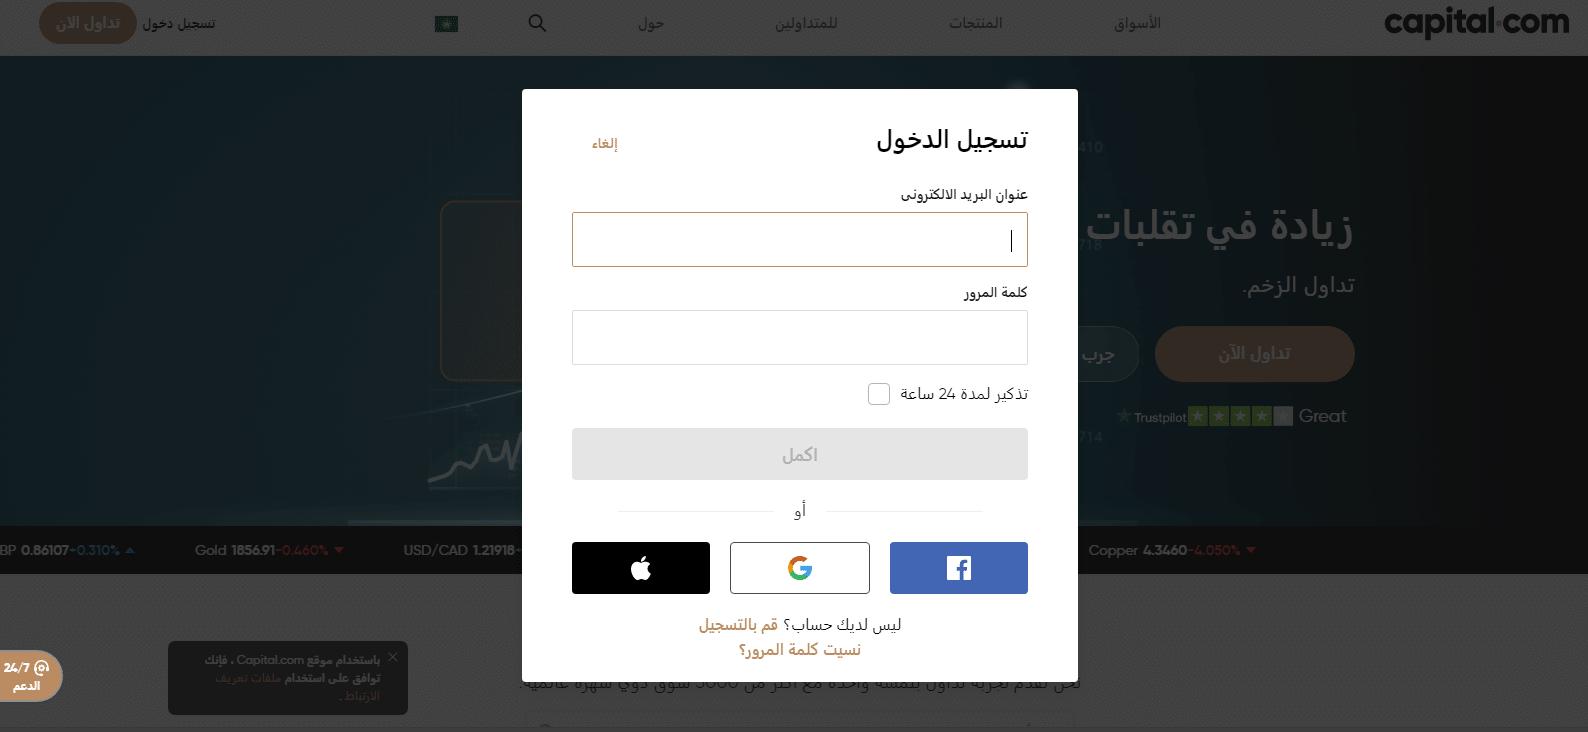 افتح حساب Capital.com